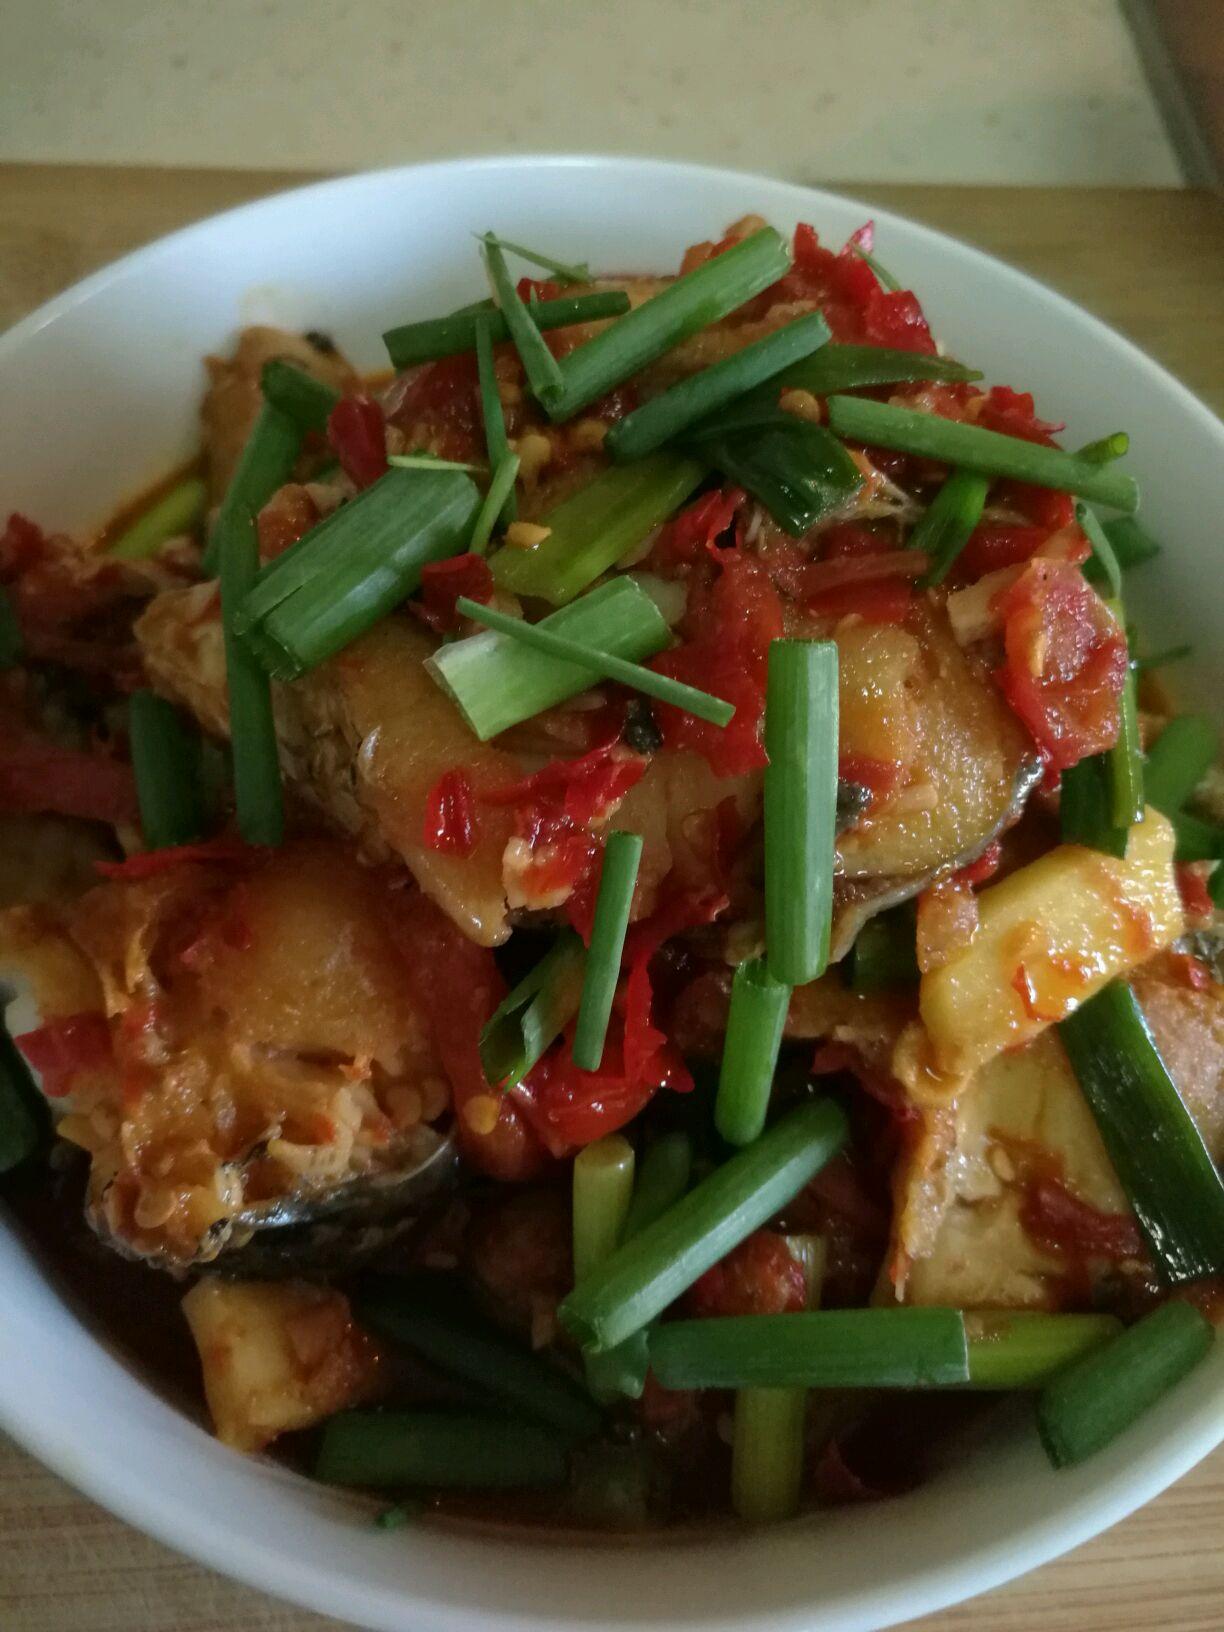 剁椒鱼块#做法上首页酸辣家常菜#的我要榨汁8食谱秋天图解图片